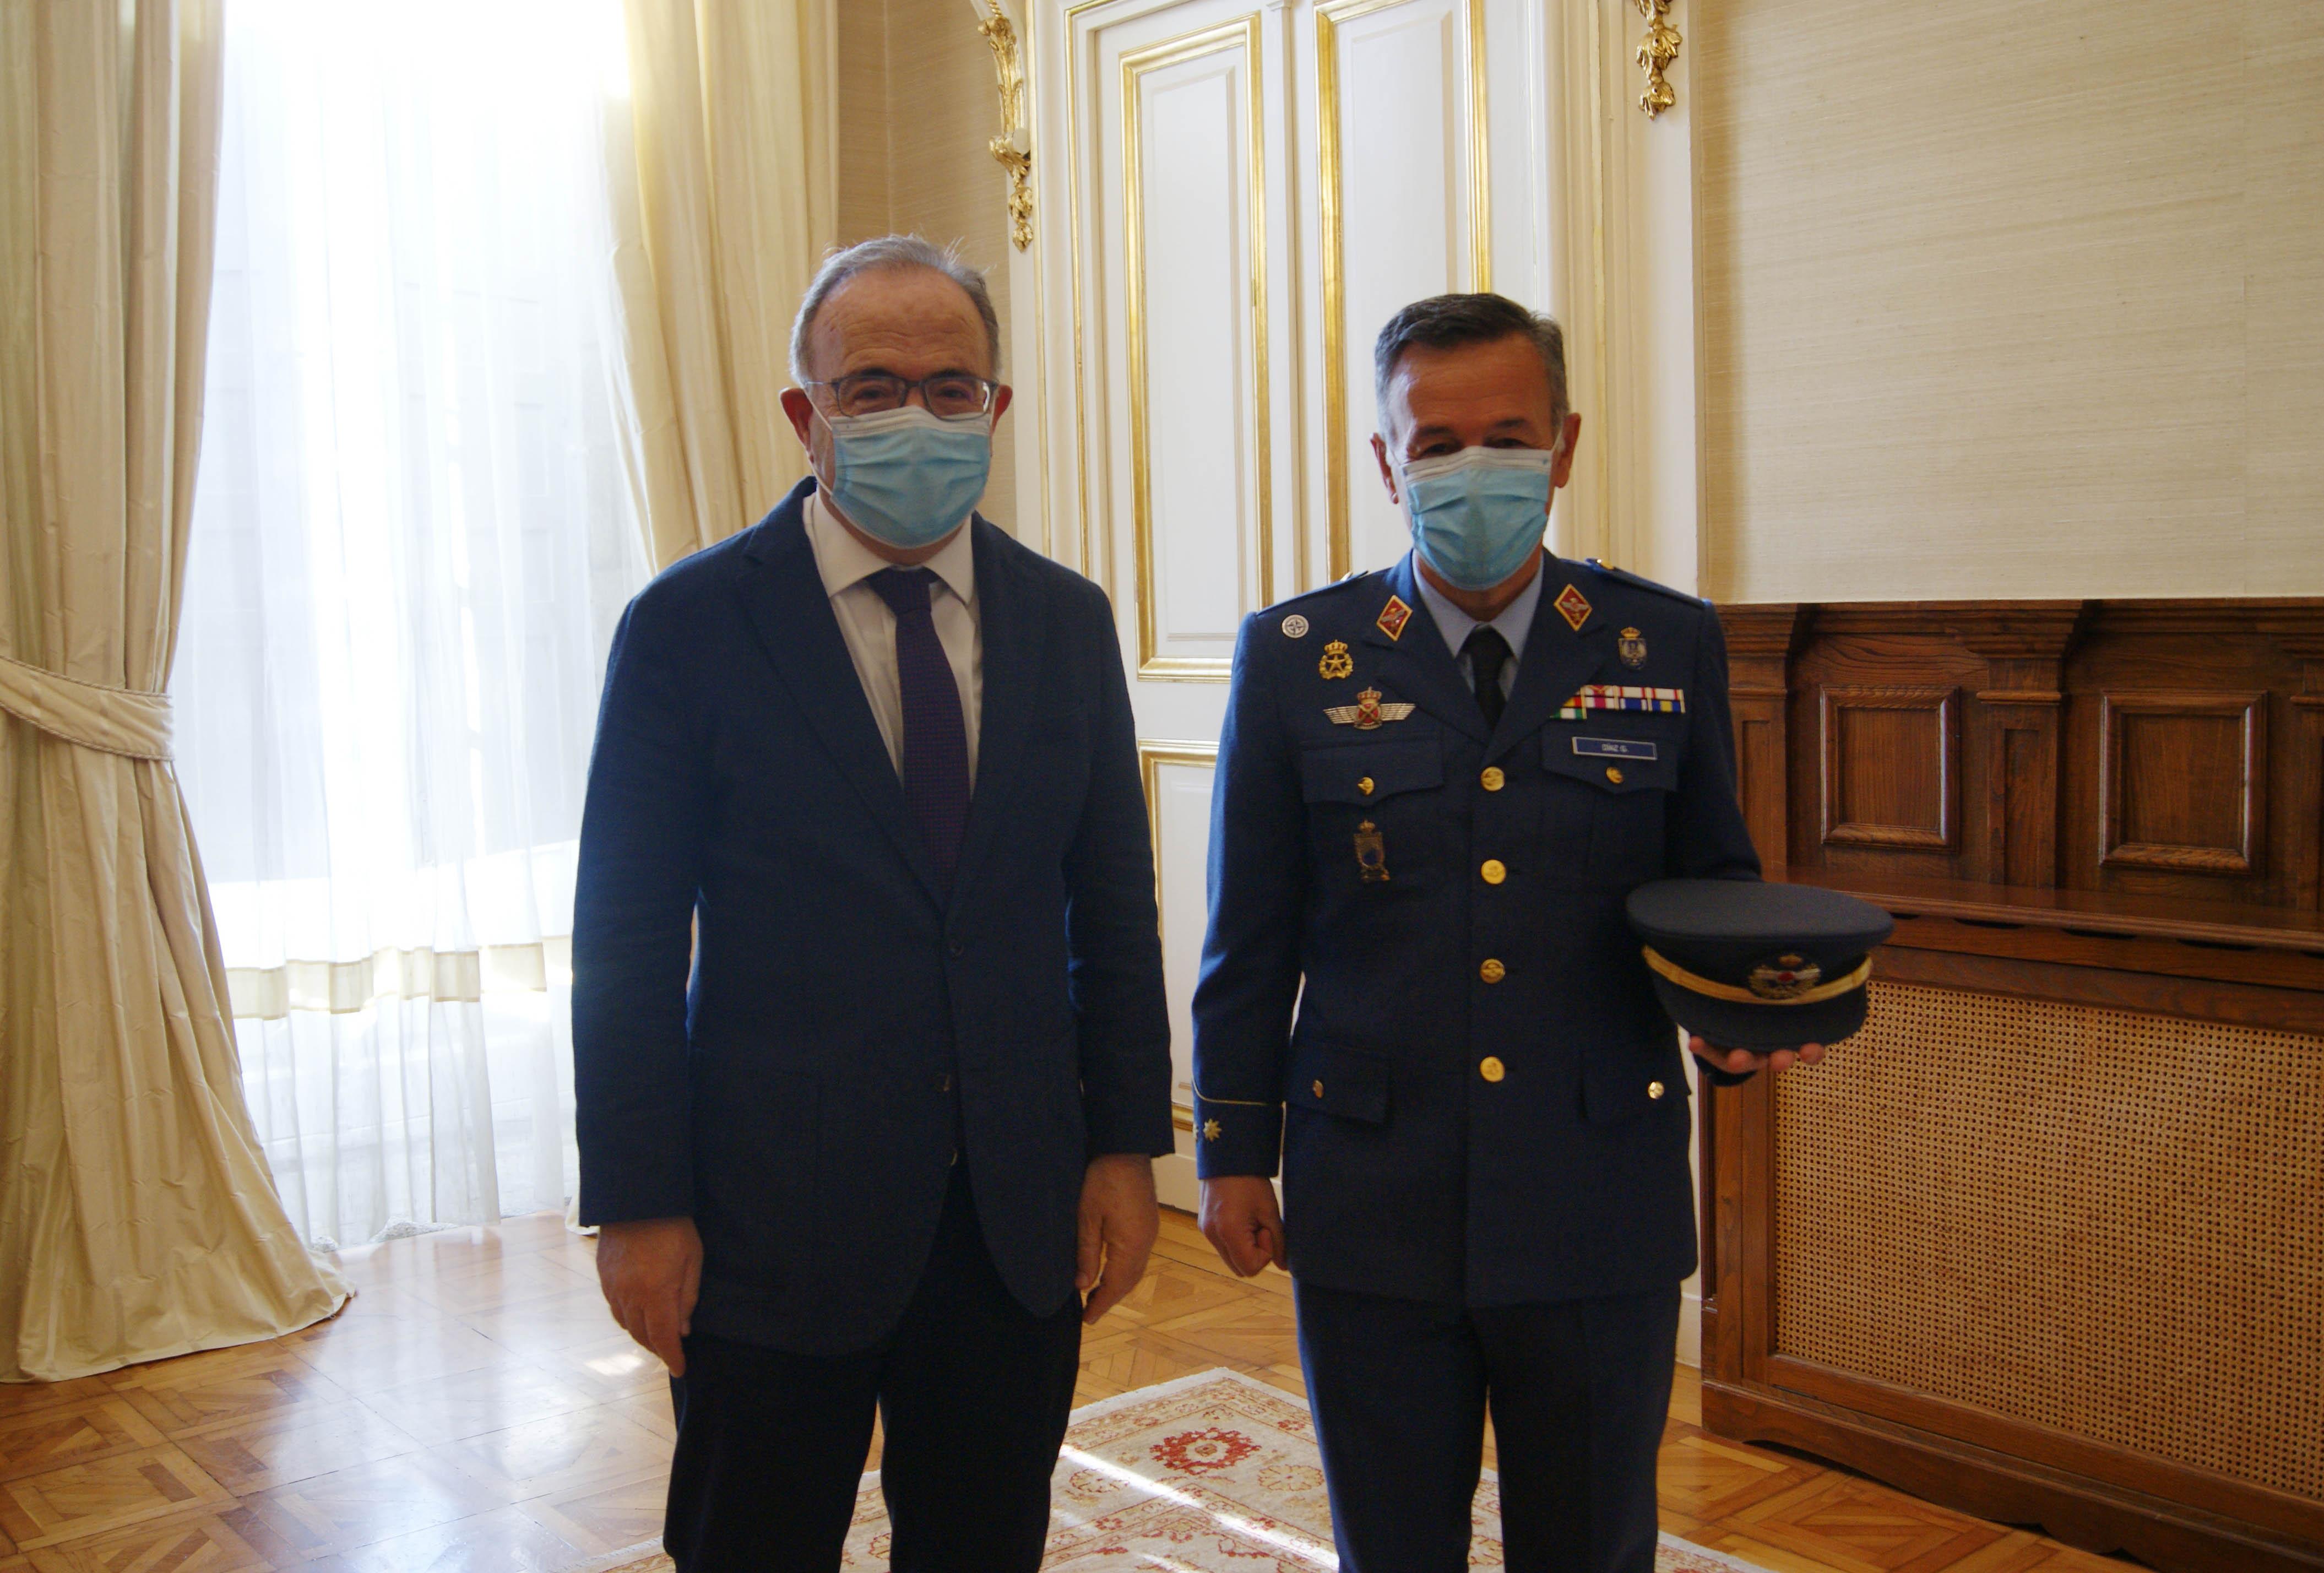 Xosé Sánchez Bugallo e Pedro M. Díaz González antes da xuntanza.